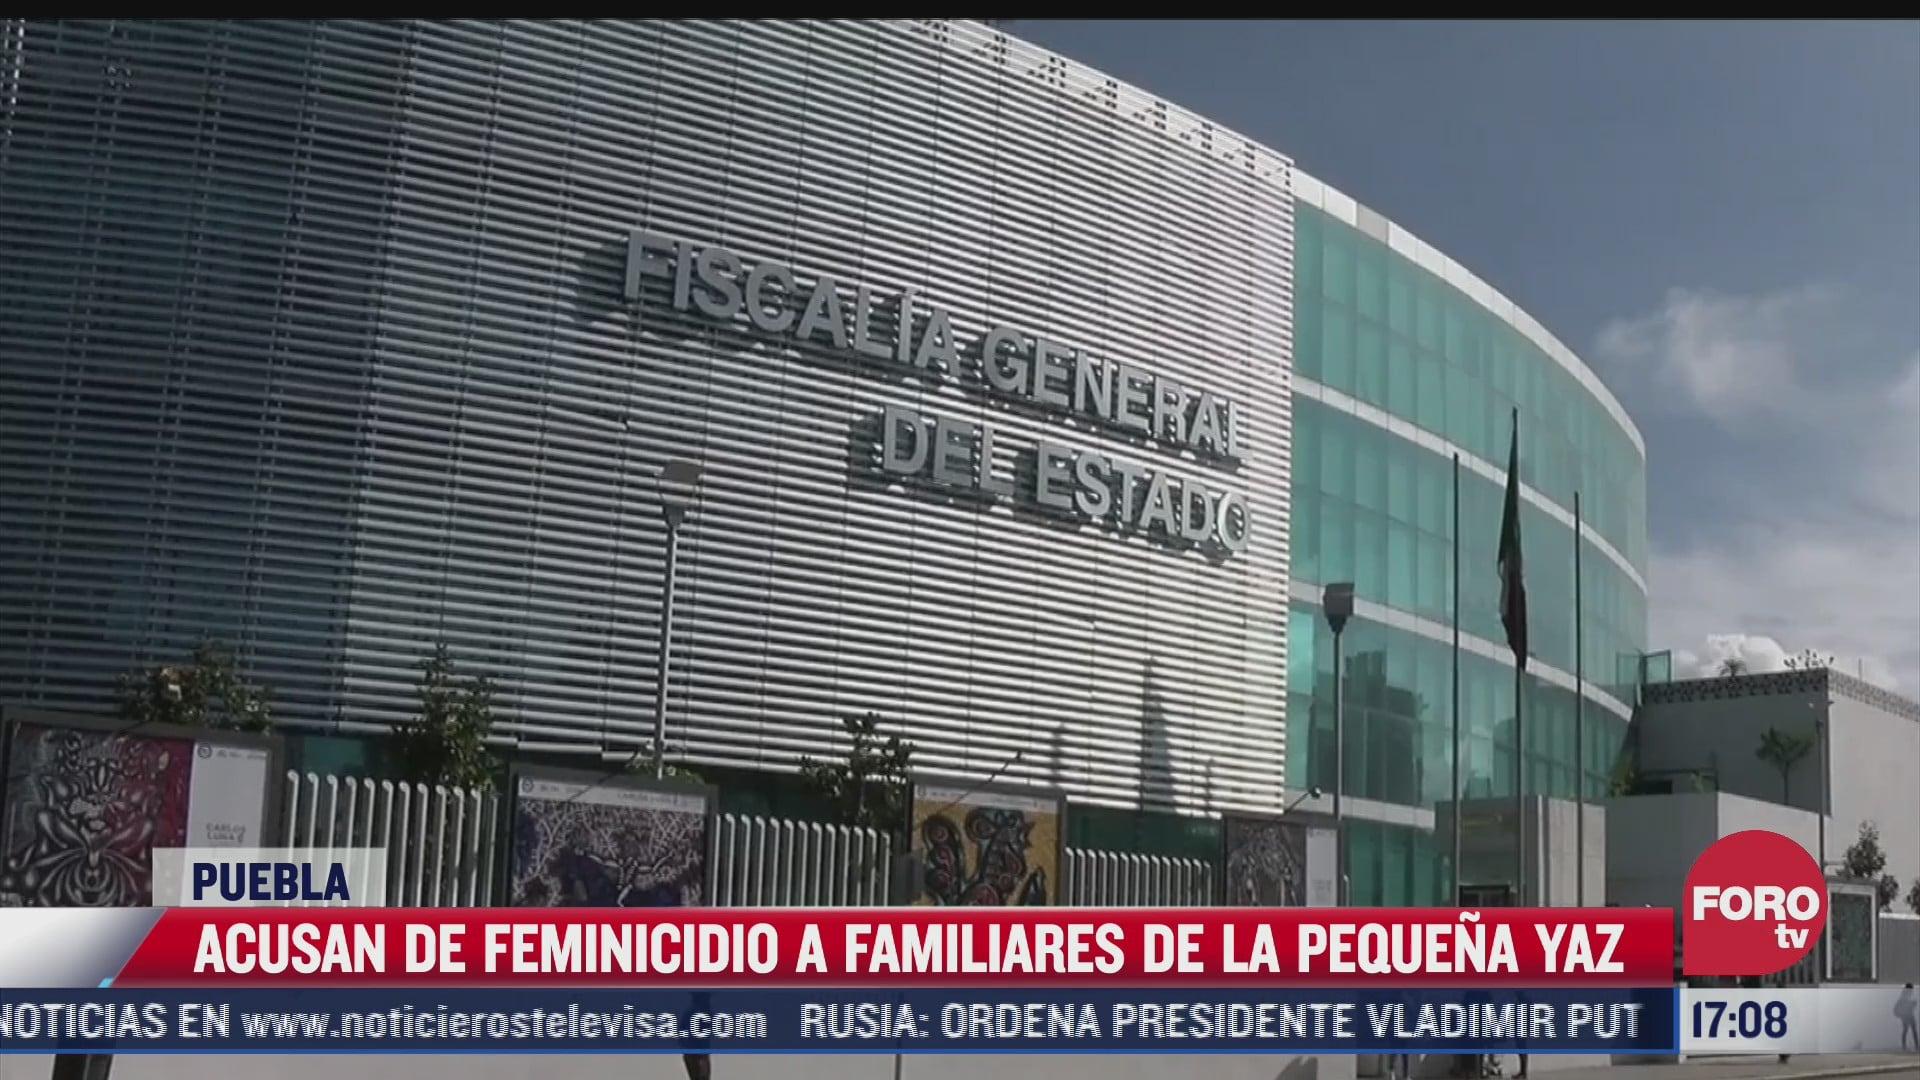 acusan de feminicidio a familiares de la pequena yaz